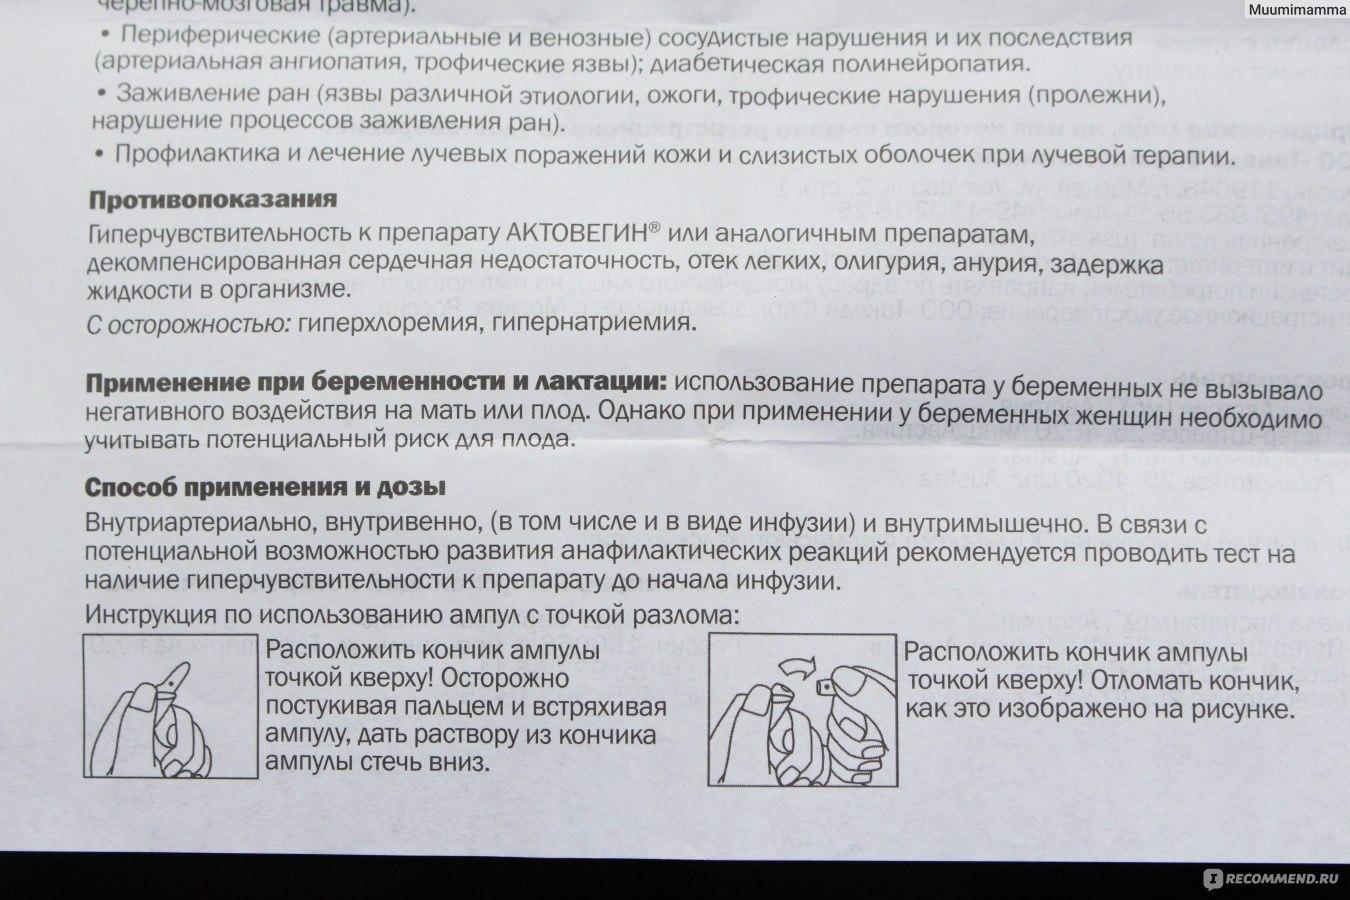 актовегин 40 инструкция по применению